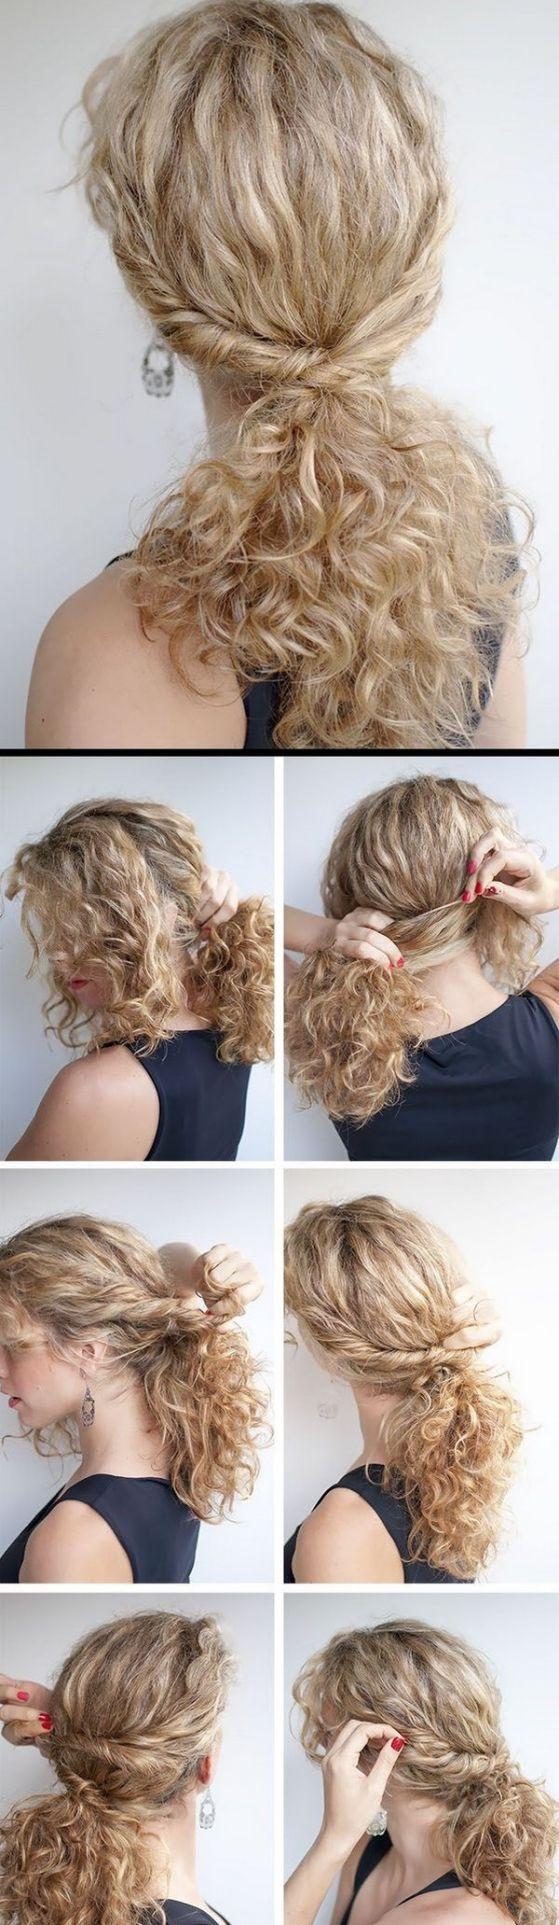 ondulado tutorial peinados